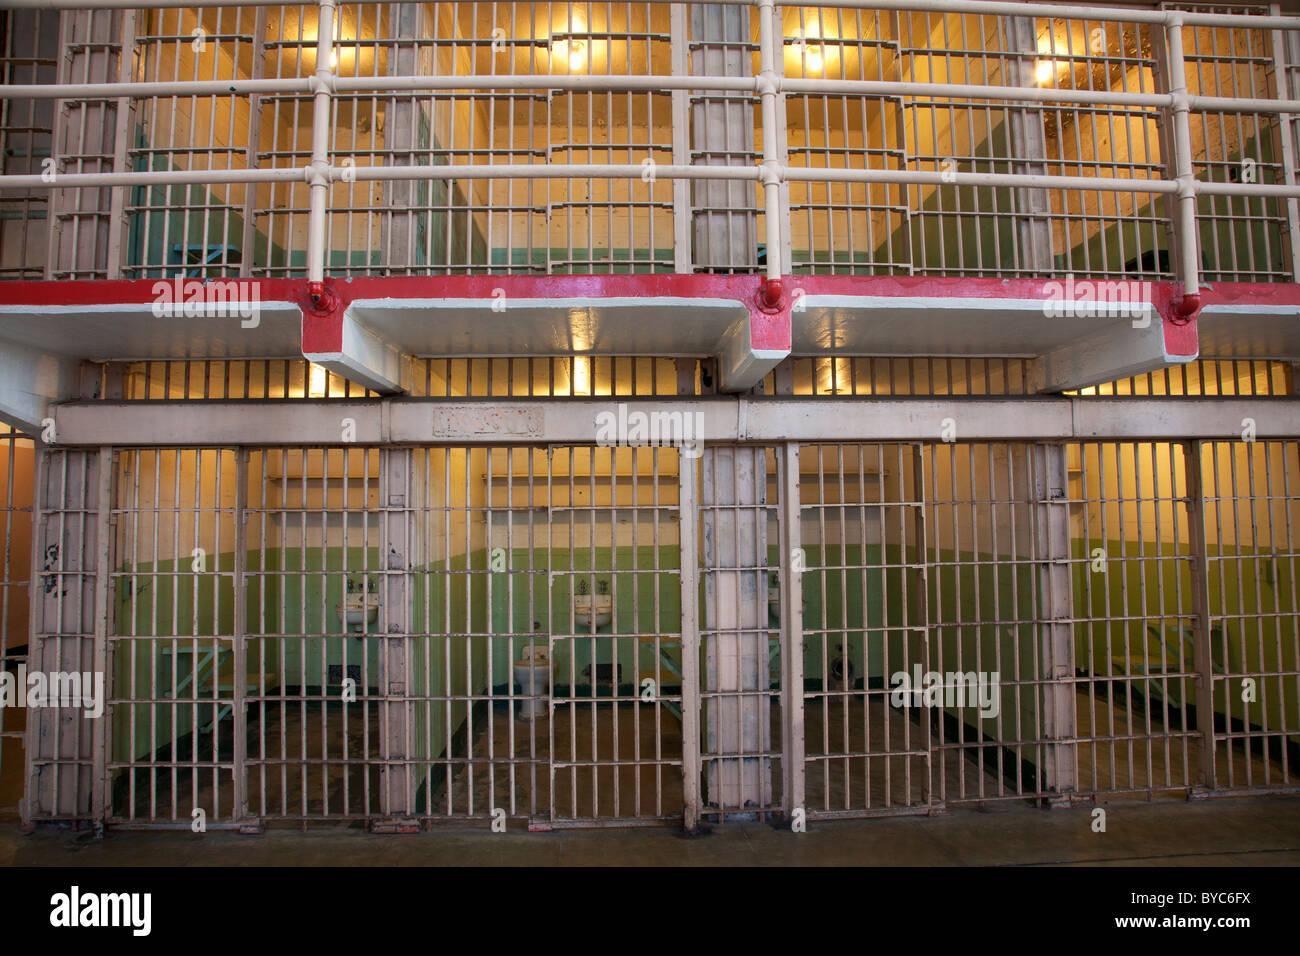 Cellule à l'intérieur chambre à Alcatraz, San Francisco, CA Photo Stock